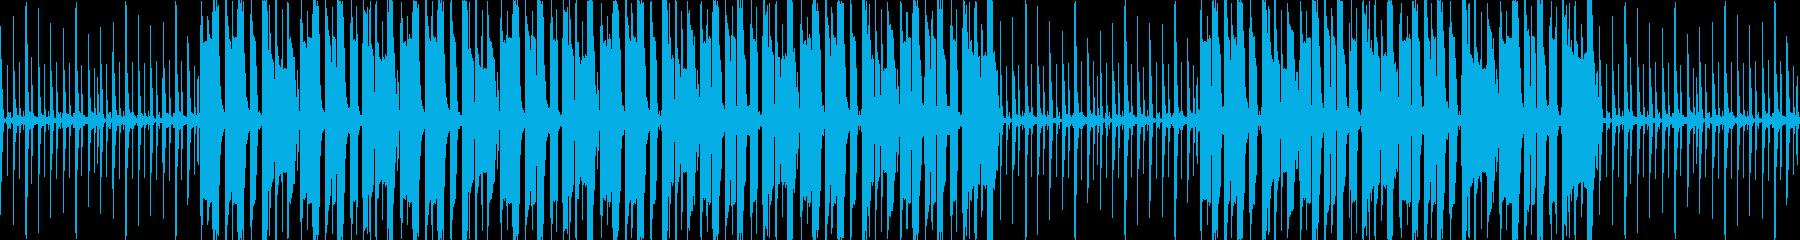 【ゆったりレゲエBGM】の再生済みの波形